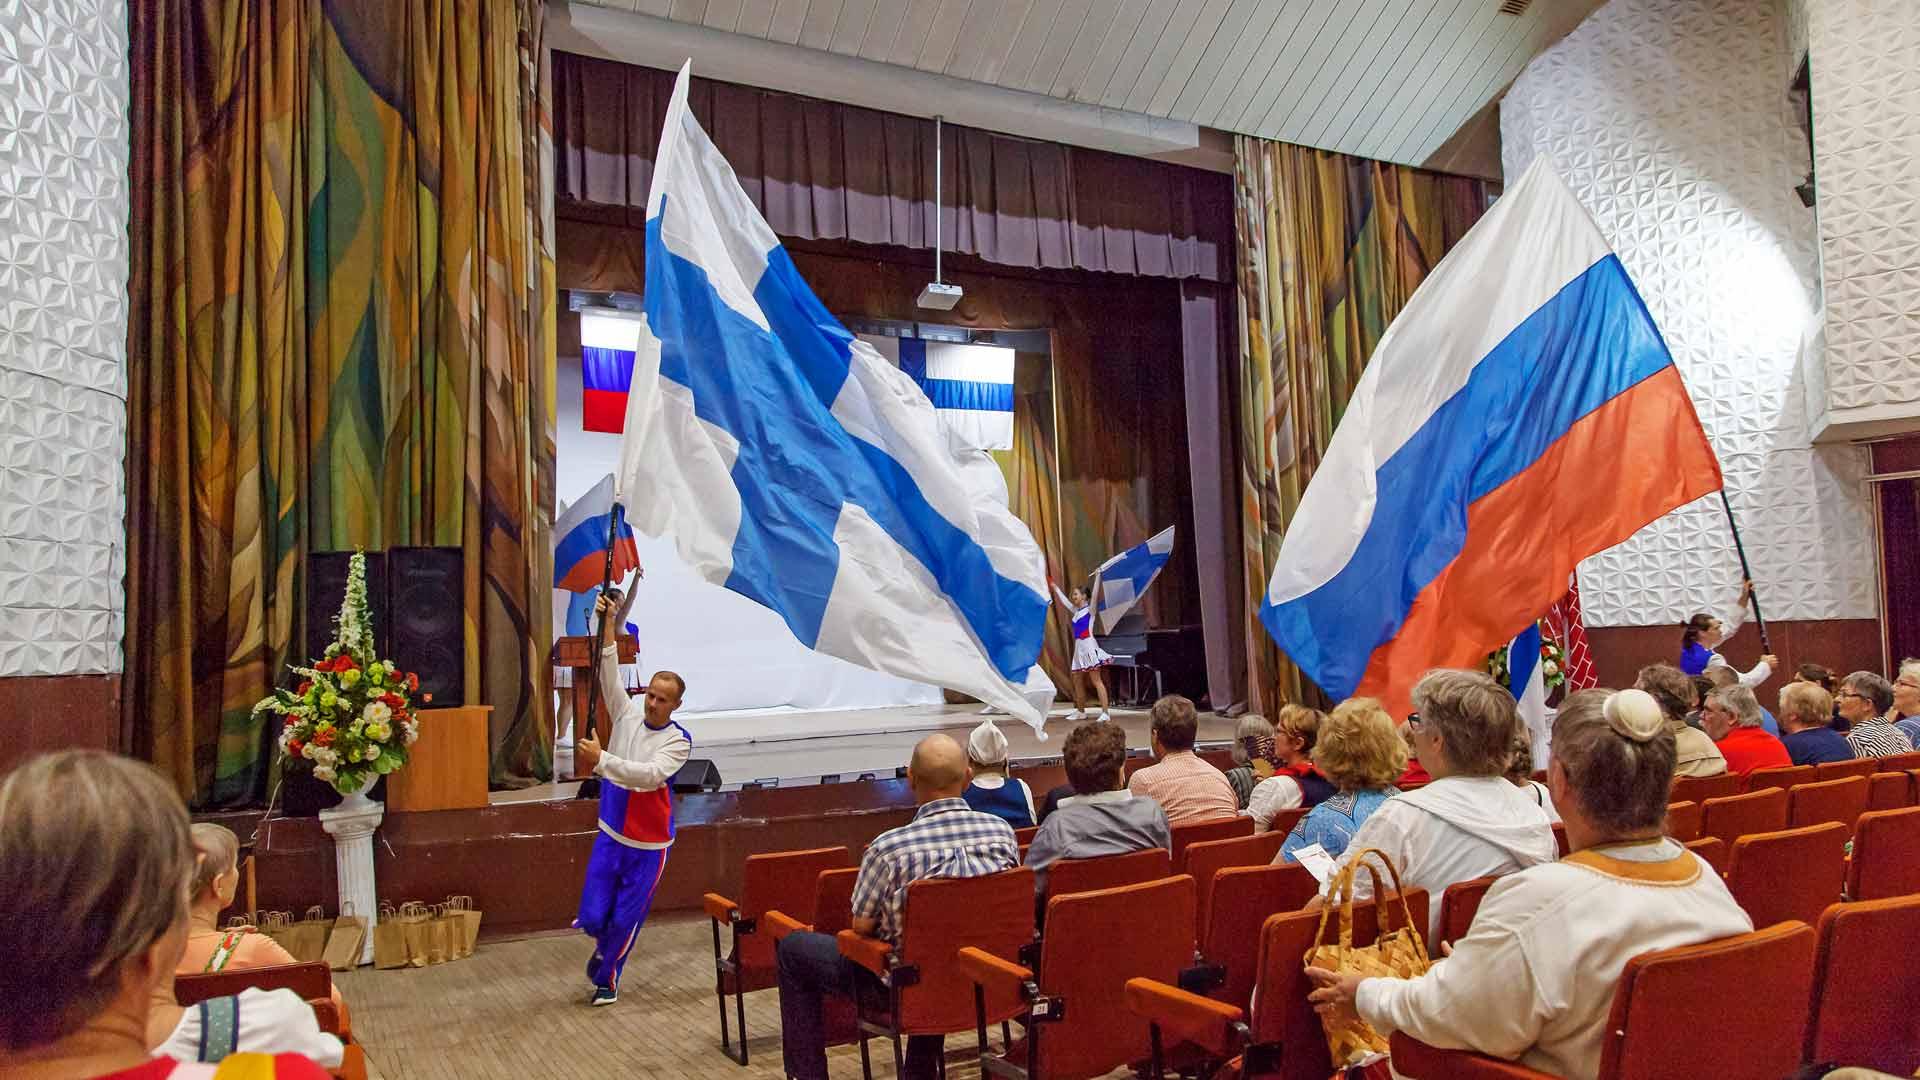 Liput liehuvat ja musiikki pauhaa. Paikallisten nuorten esittämä lippushow on sopivasti mahtipontinen aloitus kihujen pääjuhlalle.